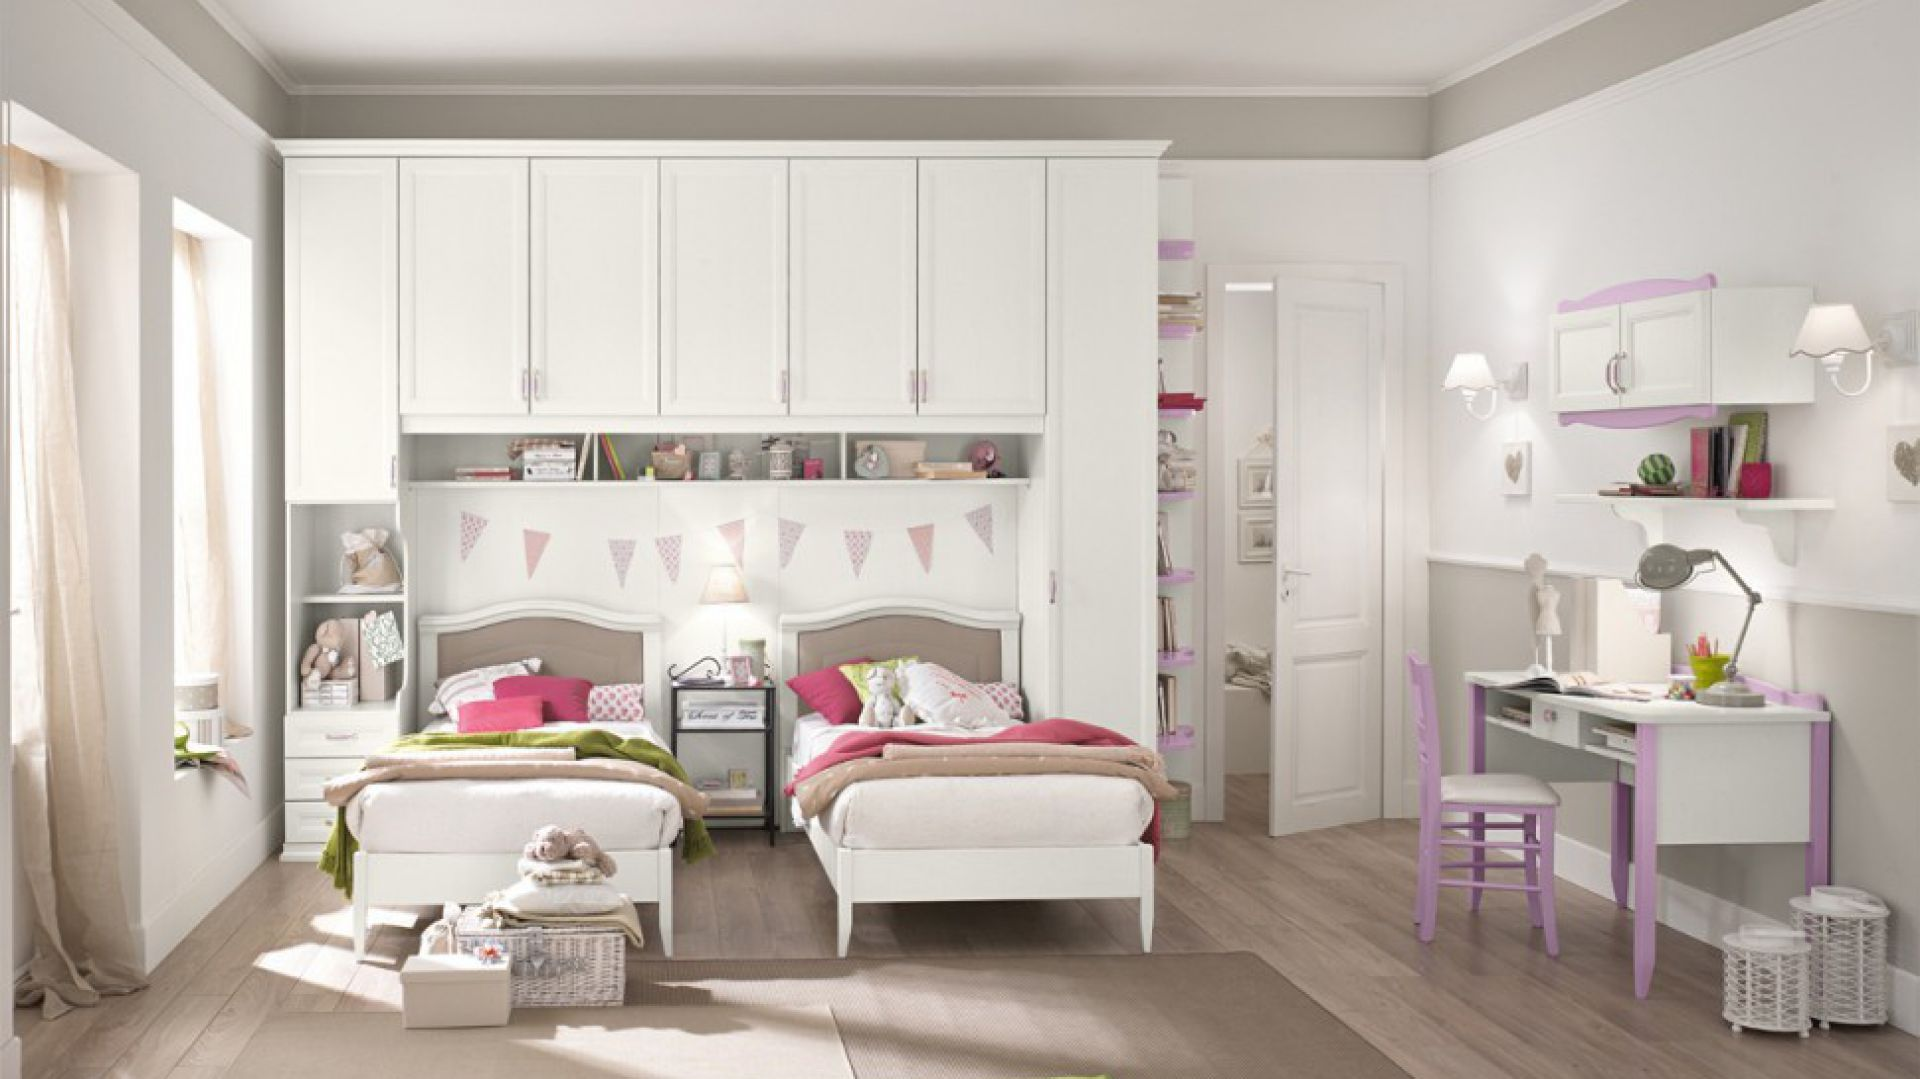 jasny pok j dla dziewczynki pomys y. Black Bedroom Furniture Sets. Home Design Ideas